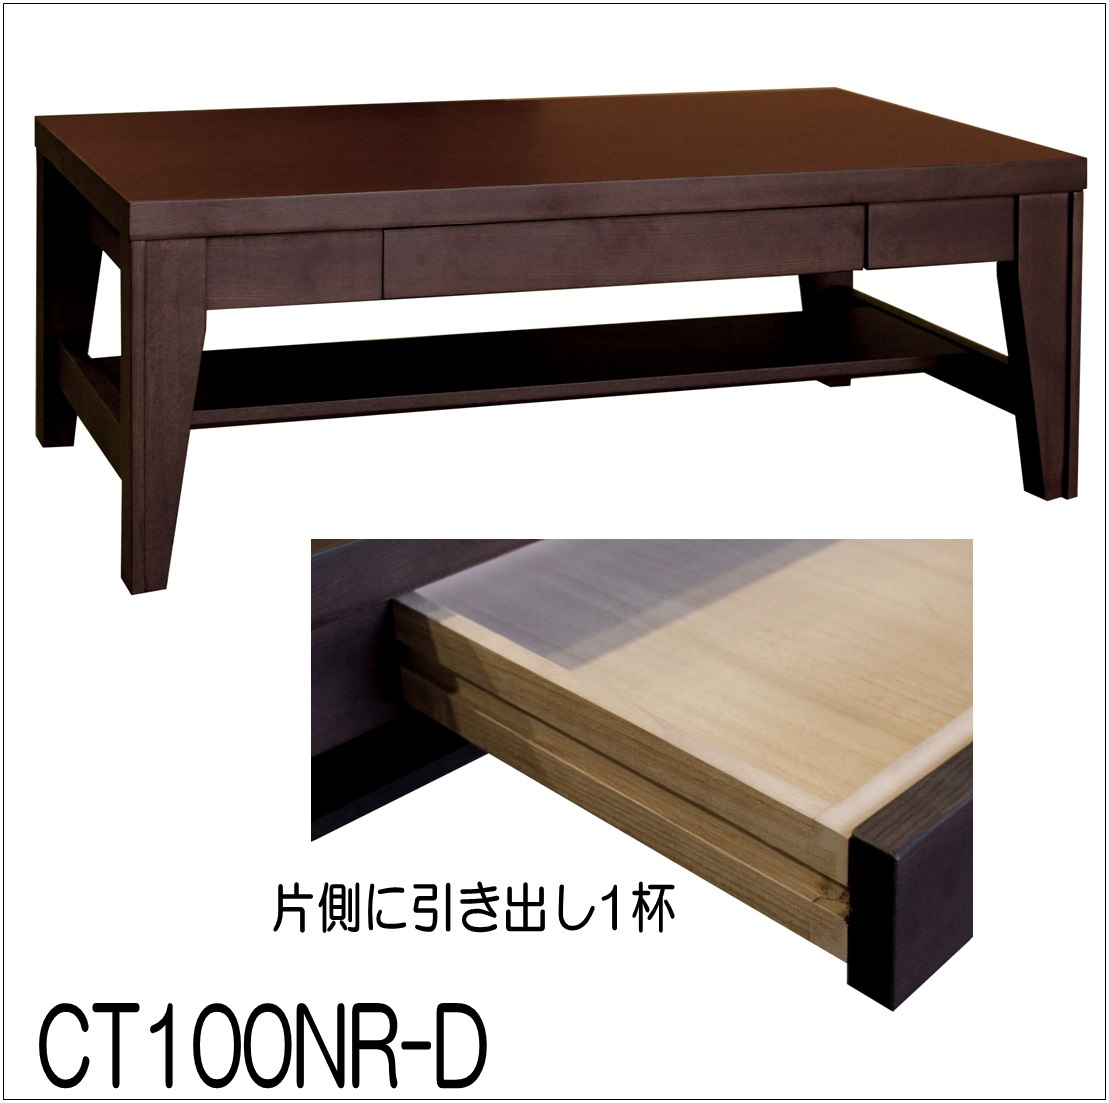 センターテーブル 幅100cm ダークブラウン(タモ突板ウレタン塗装)【CT100-NR-D】【完成品】【送料無料】